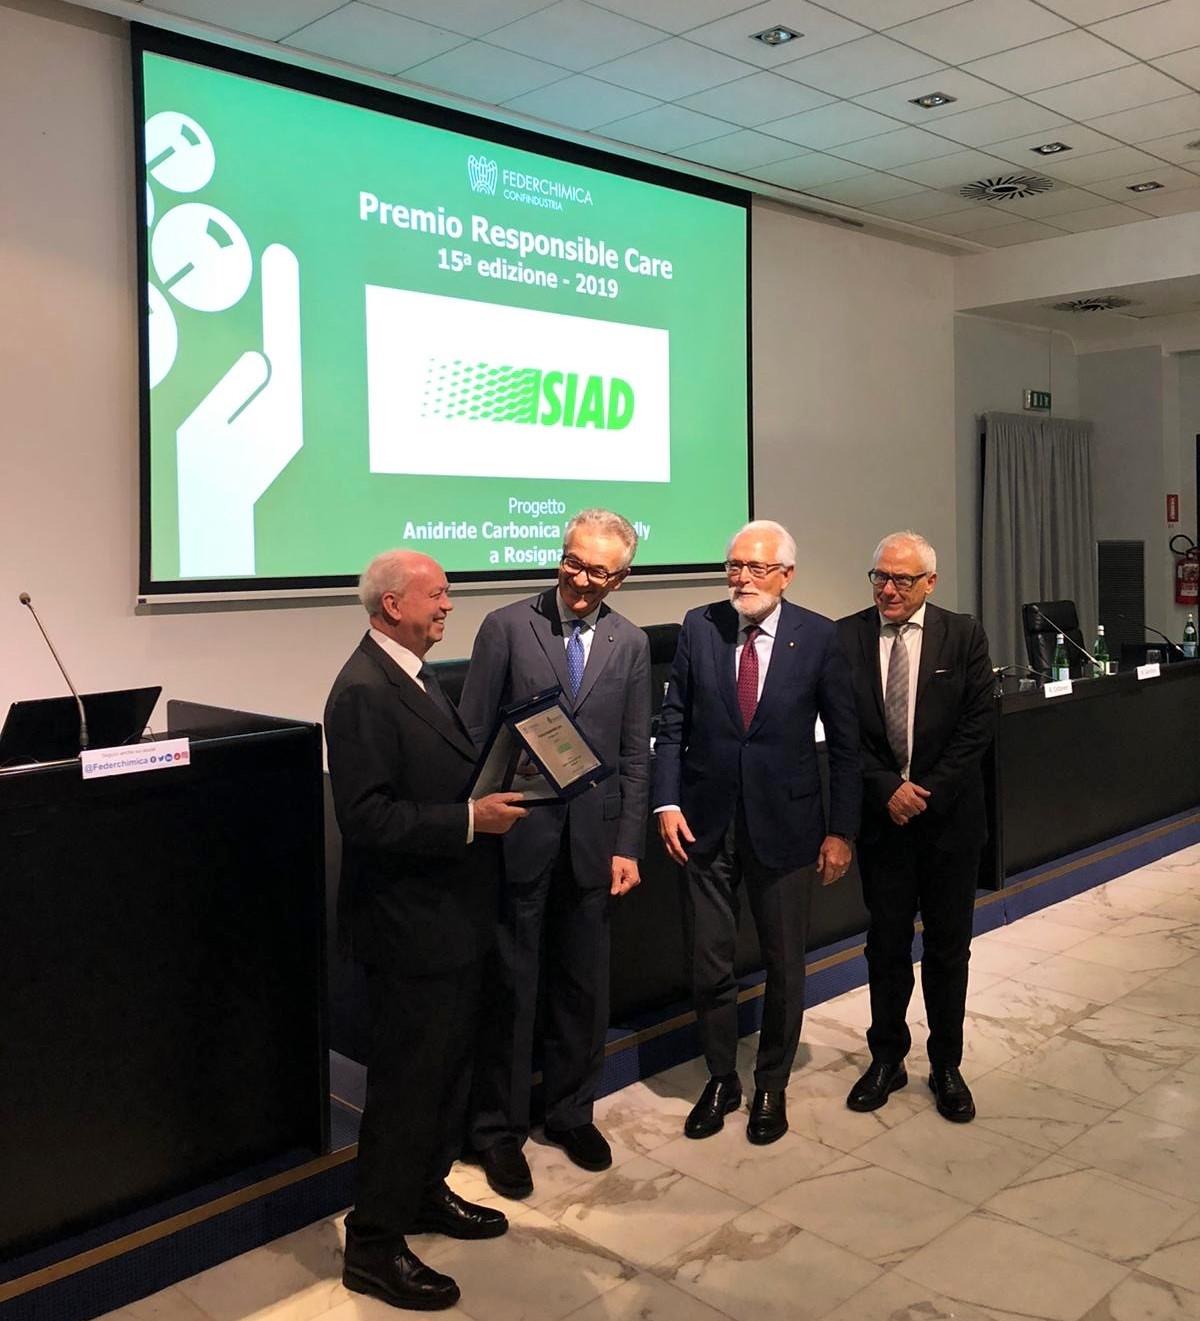 SIAD_riceve_il_premio_responsible_care_di_federchimica